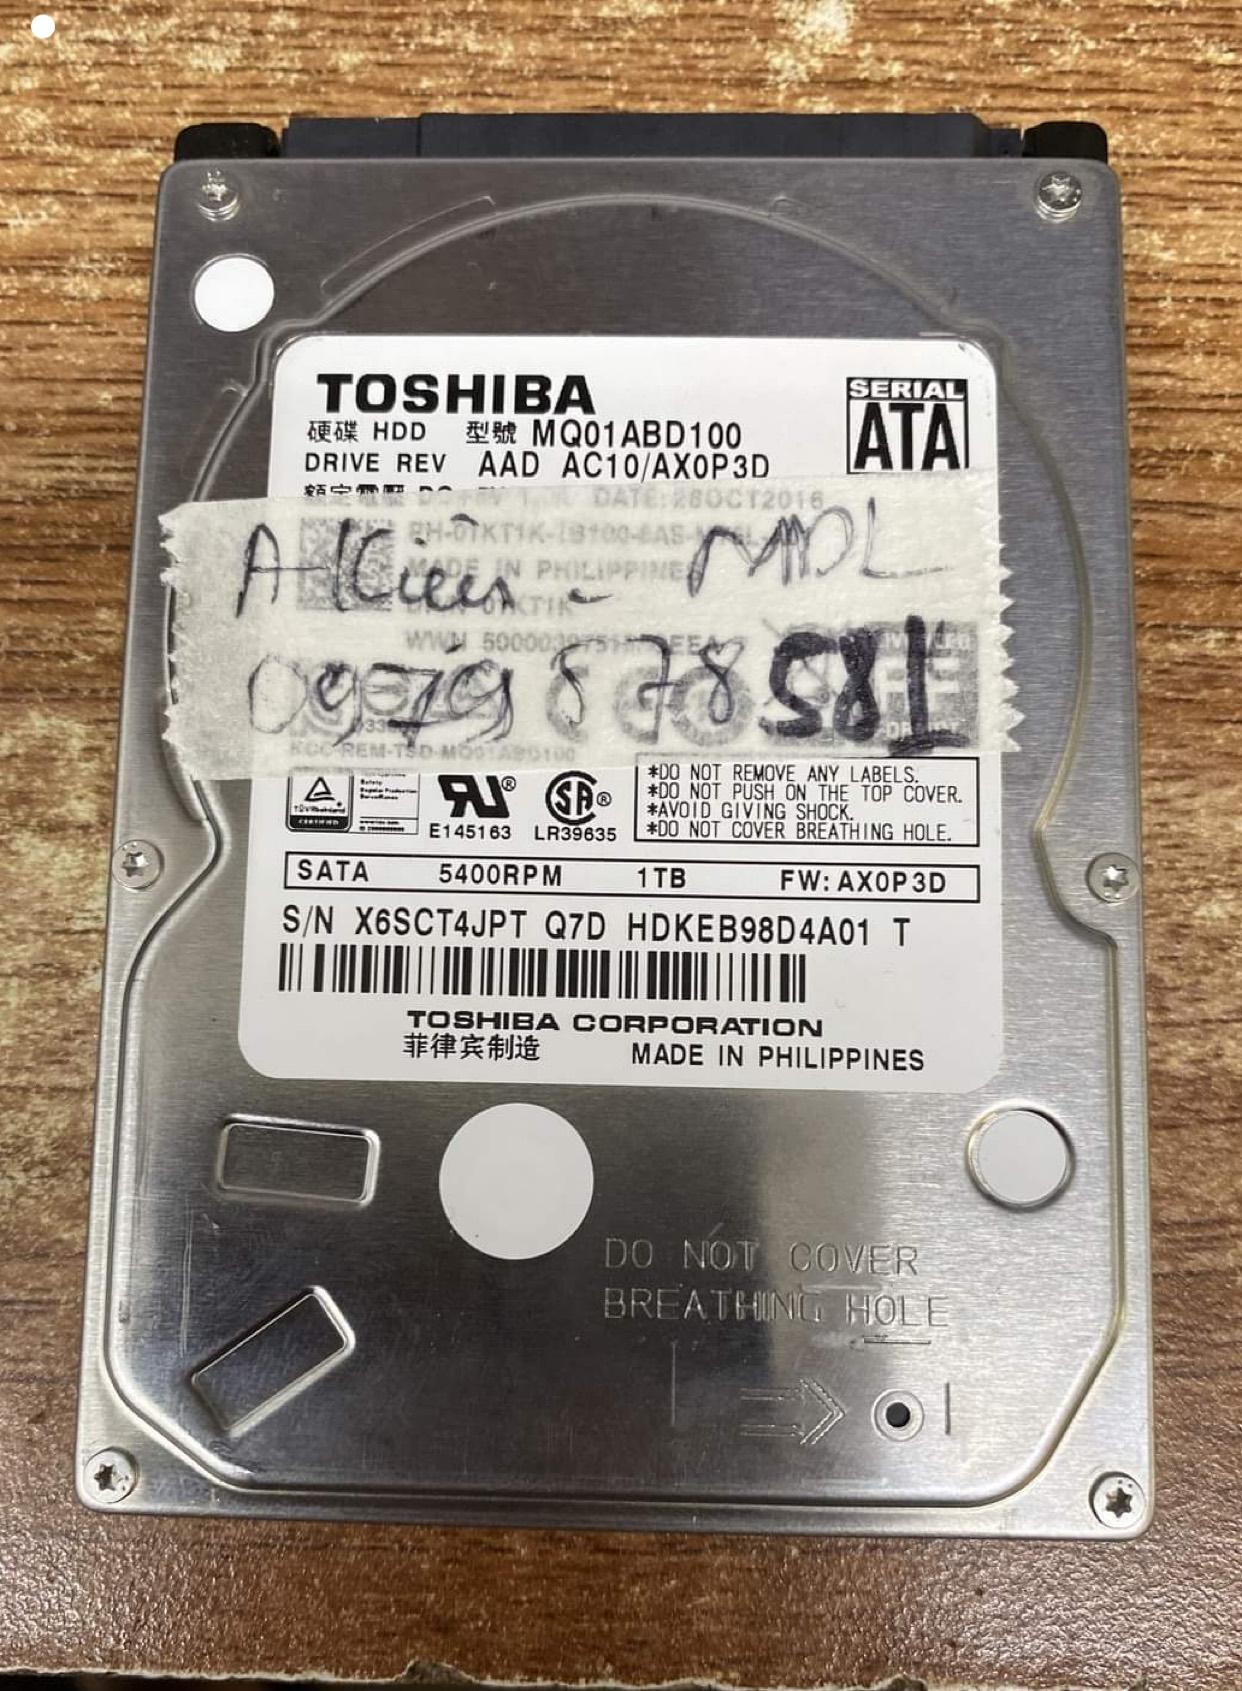 Phục hồi dữ liệu ổ cứng Toshiba 1TB mất dữ liệu 29/08/2020 - cuumaytinh